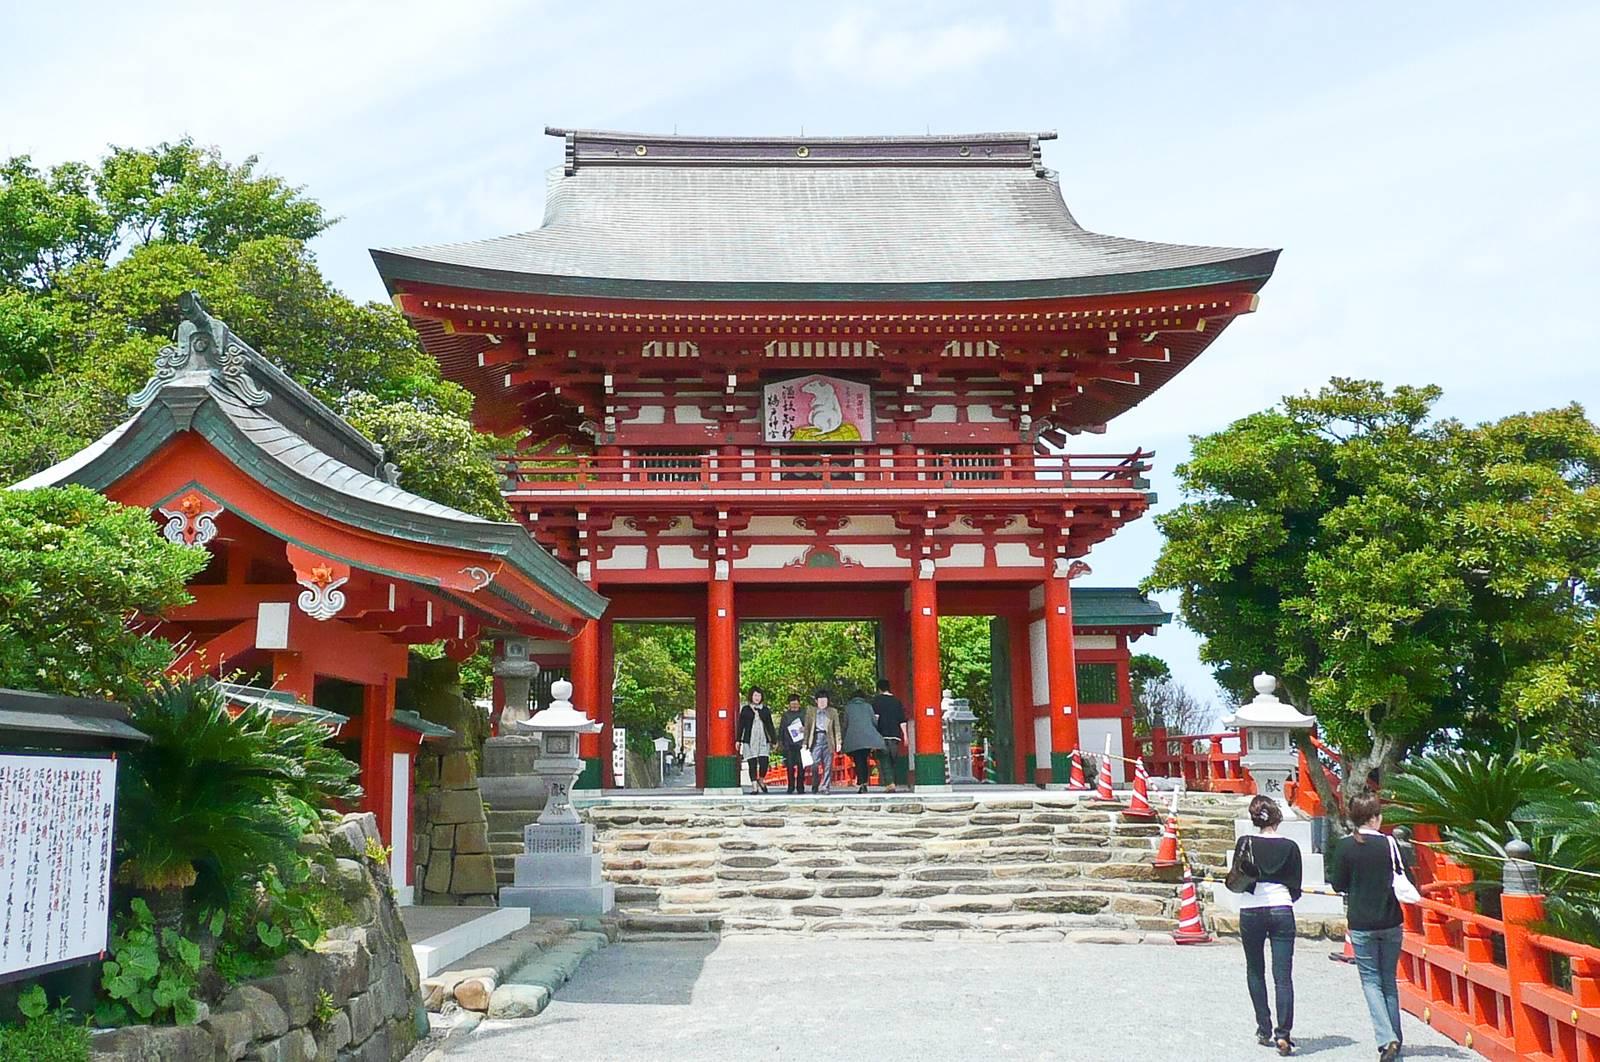 九州-九州景點-推薦-鵜戶神宮-九州行程-九州必玩景點-九州必遊景點-九州旅遊景點-九州自由行-九州觀光景點-九州好玩景點-九州介紹-日本-Kyushu